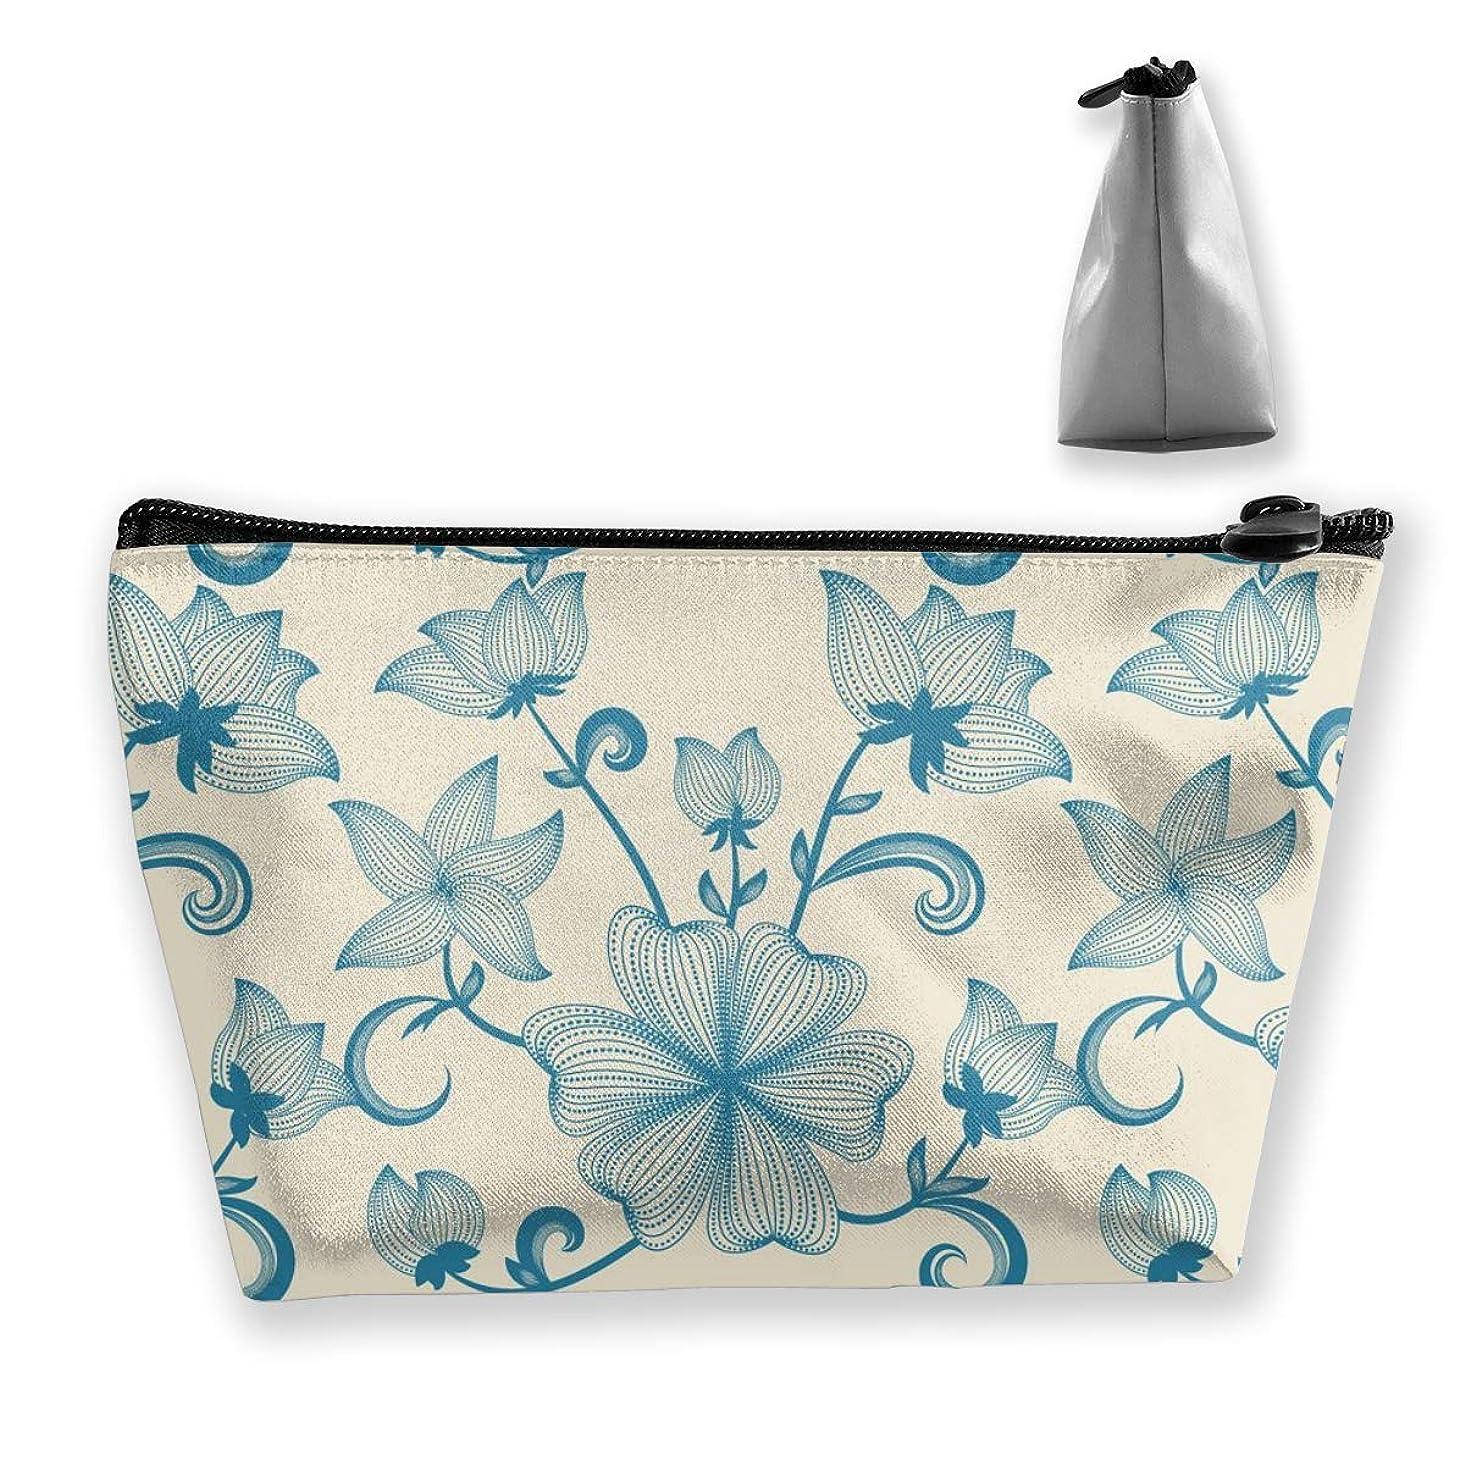 自分のコカインマッシュ収納ポーチ 花柄 バラ 化粧ポーチ トラベルポーチ 小物入れ 小財布 防水 大容量 旅行 おしゃれ